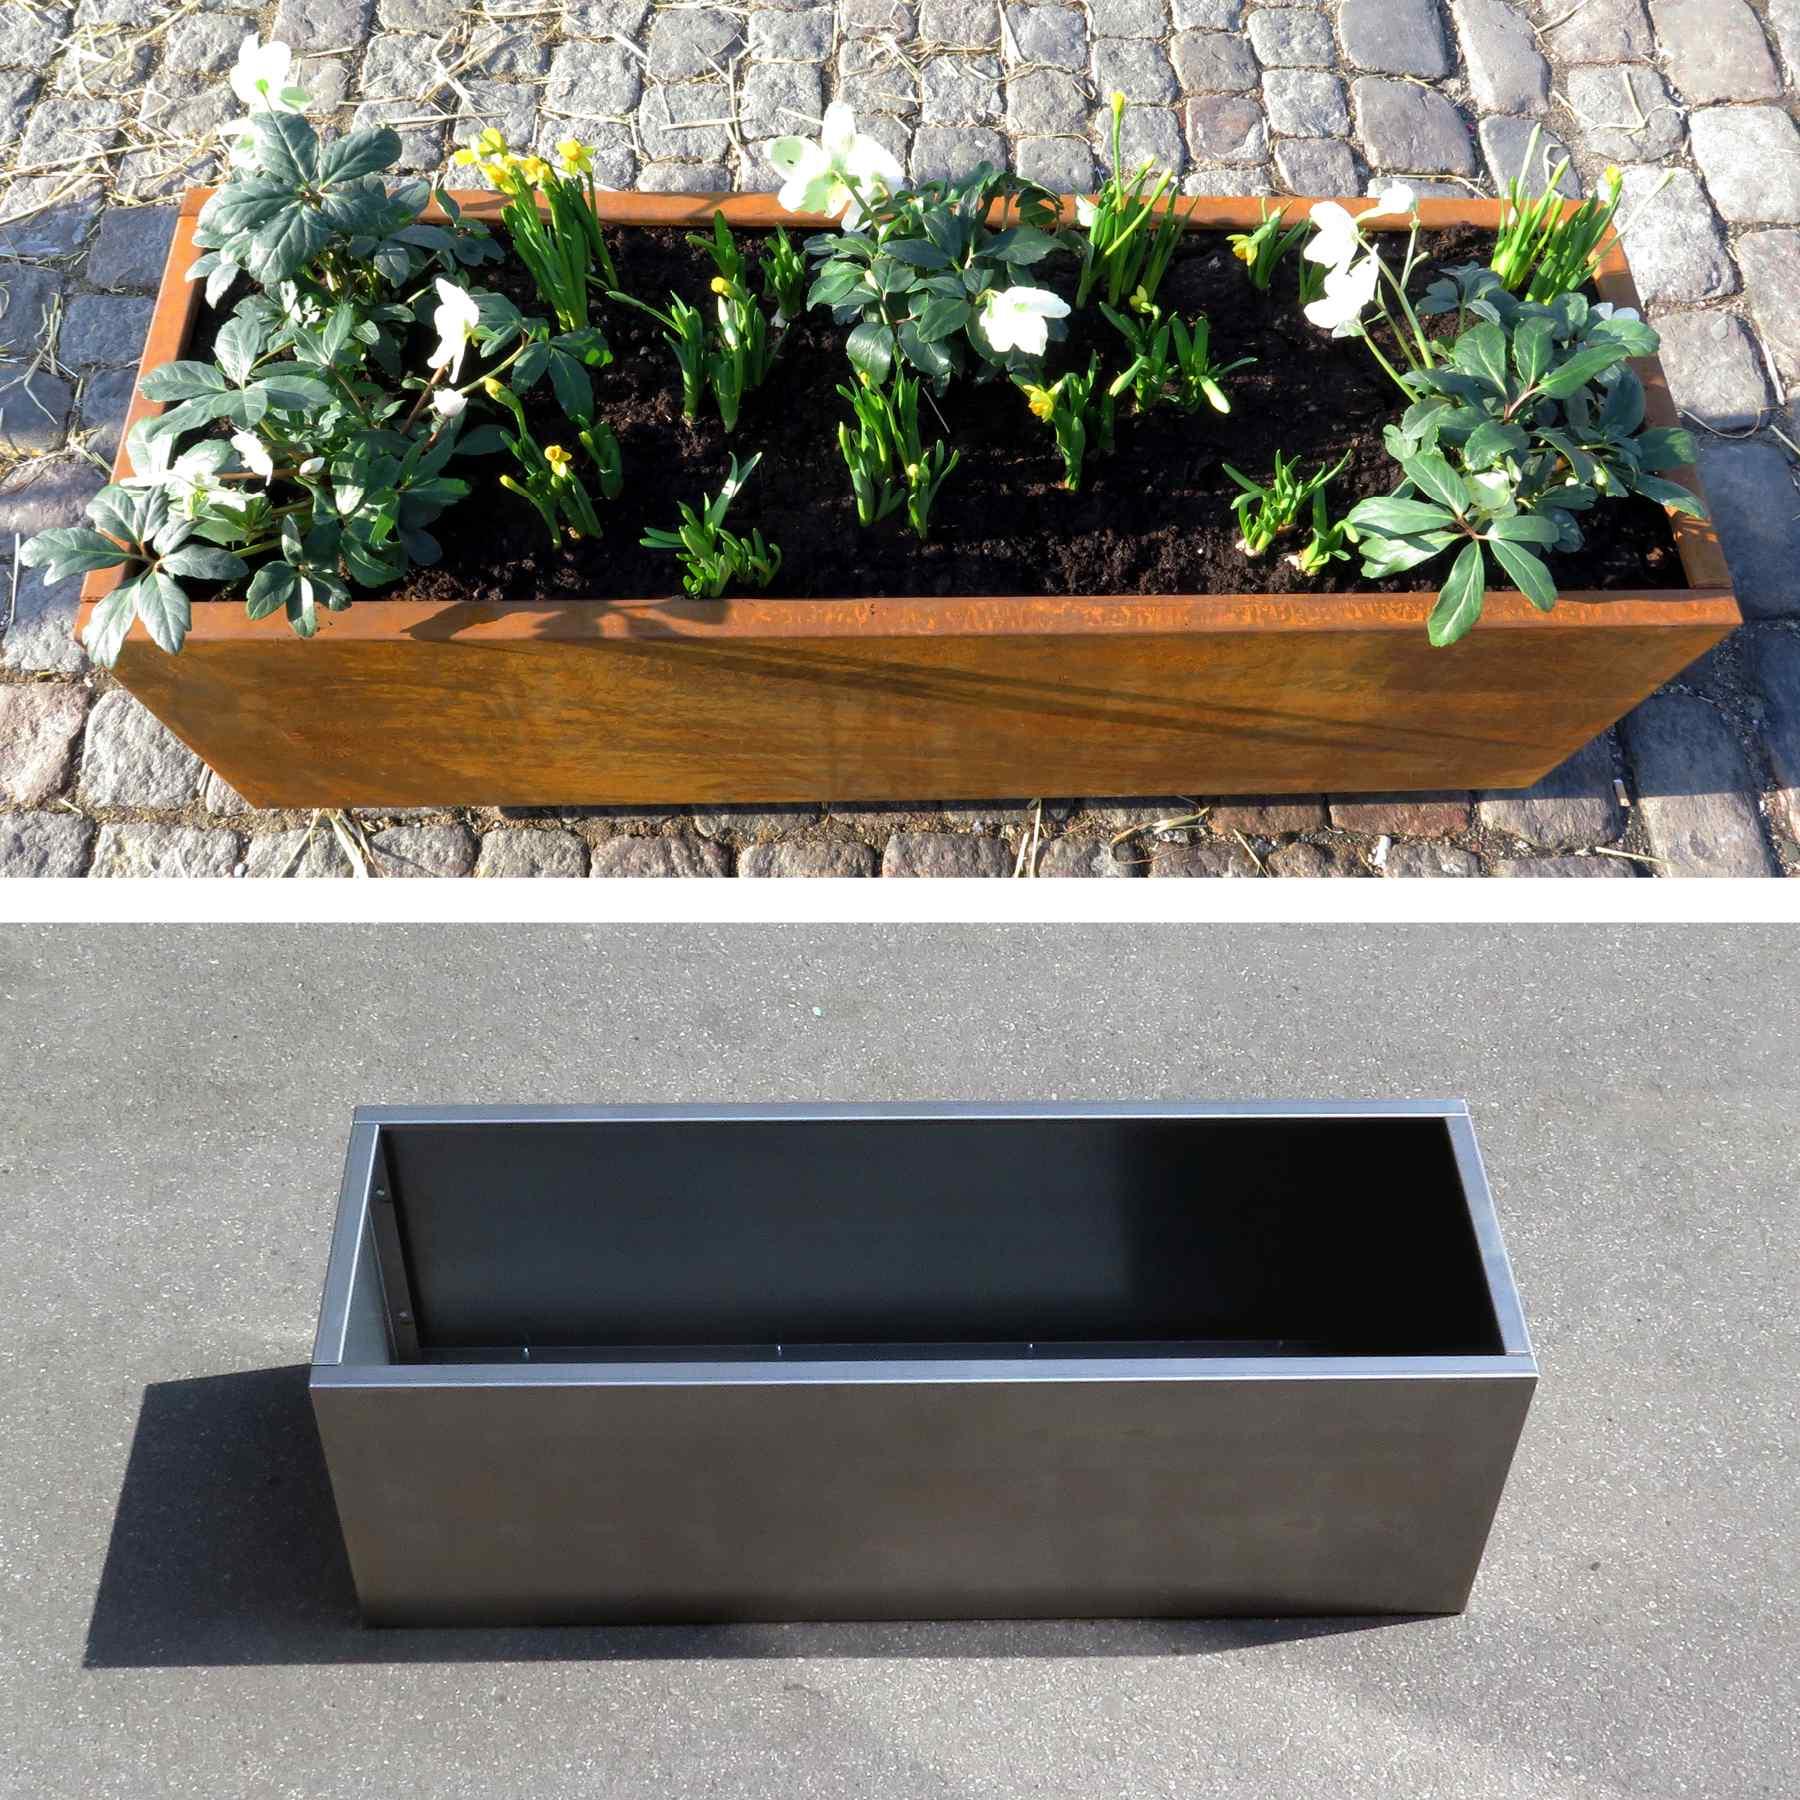 #9F5C2C Mest effektive Plantekumme I Corten 120x40x40 192 Liter TagTomat Gør Det Selv Værksted København Glentevej 6365 180018006365